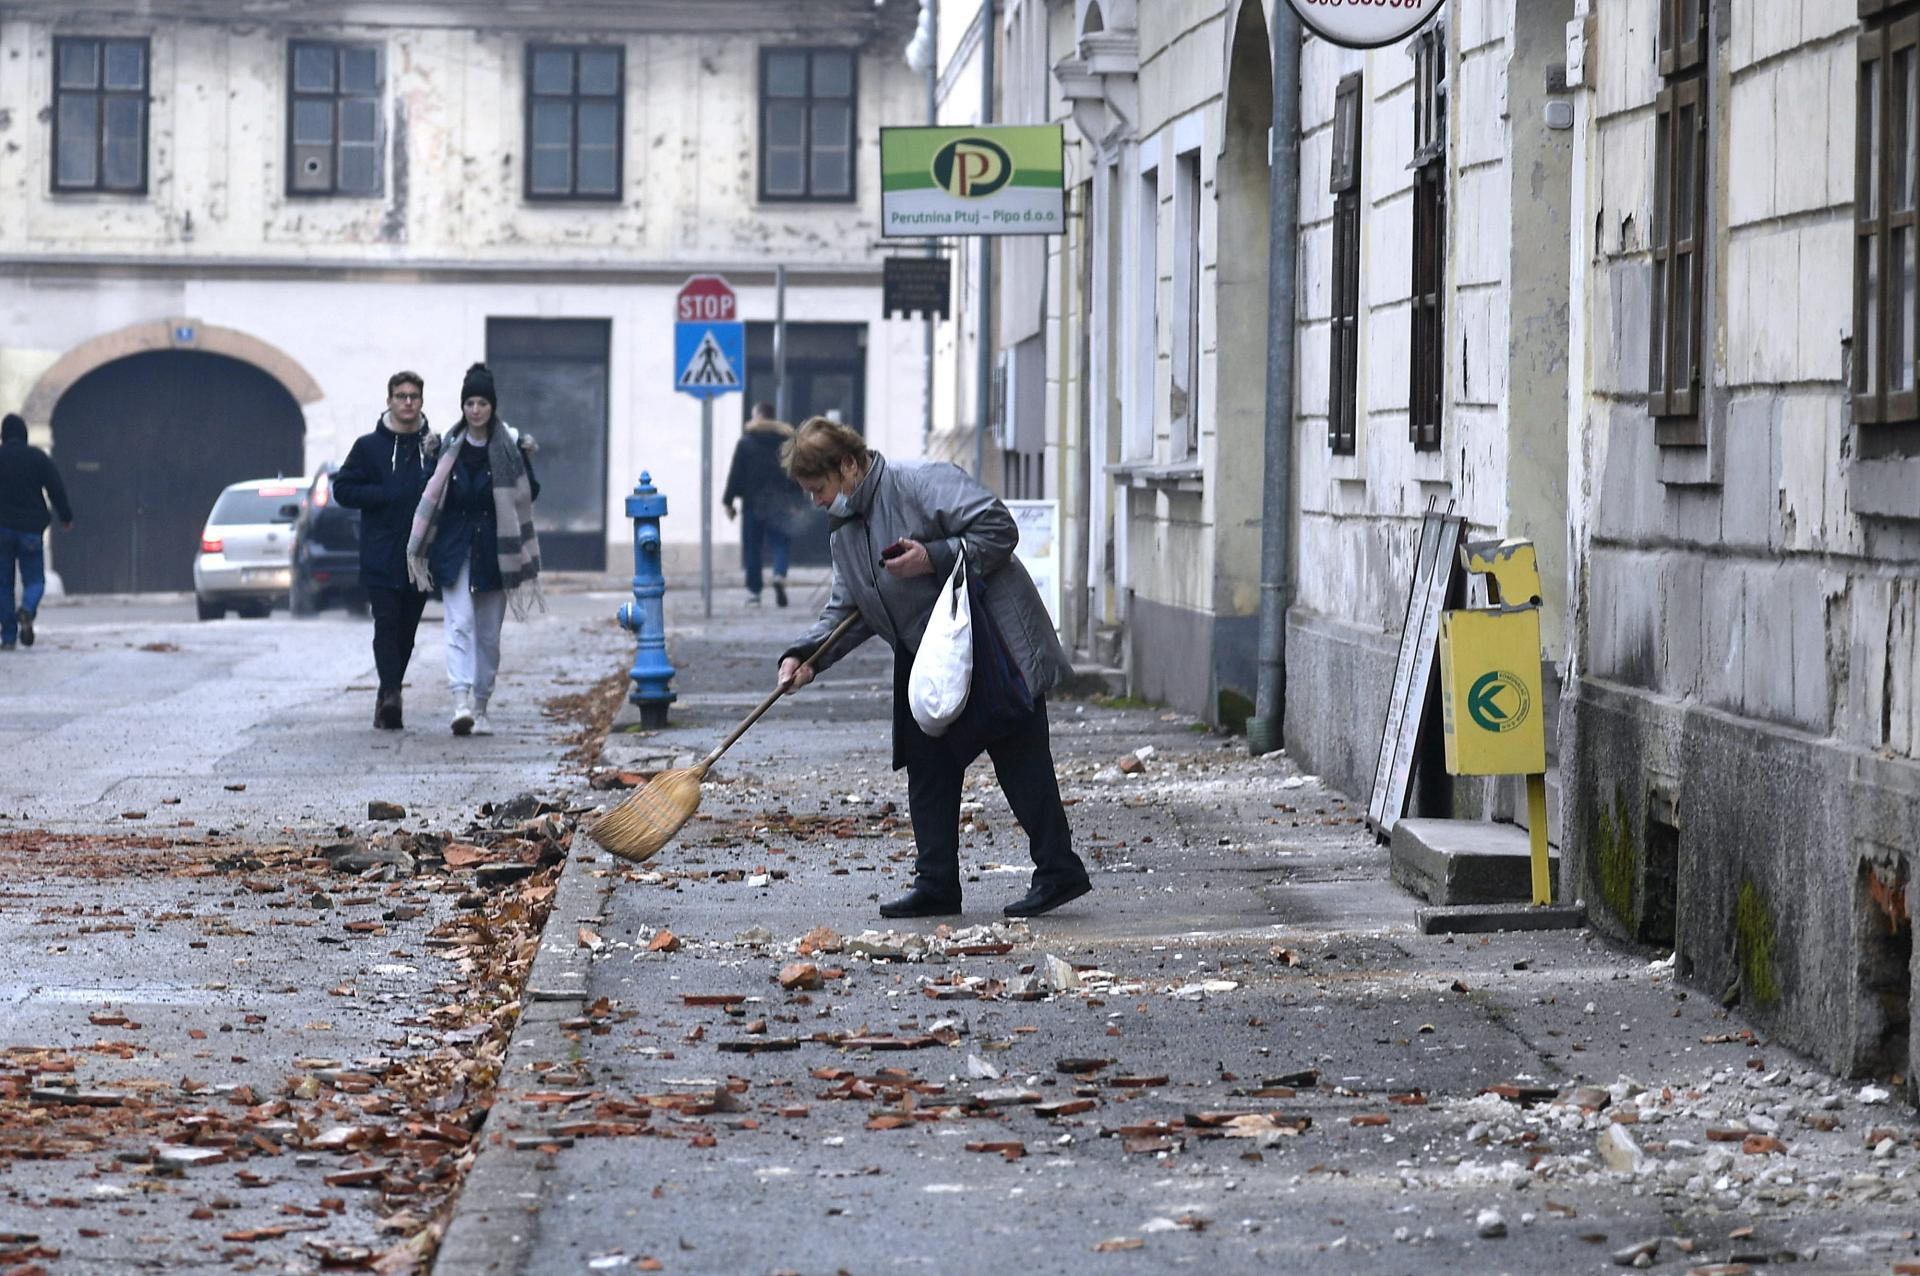 Jutarnji List Pogledajte Kako Izgledaju Petrinja I Sisak Nakon Serije Potresa Materijalna Steta Je Velika